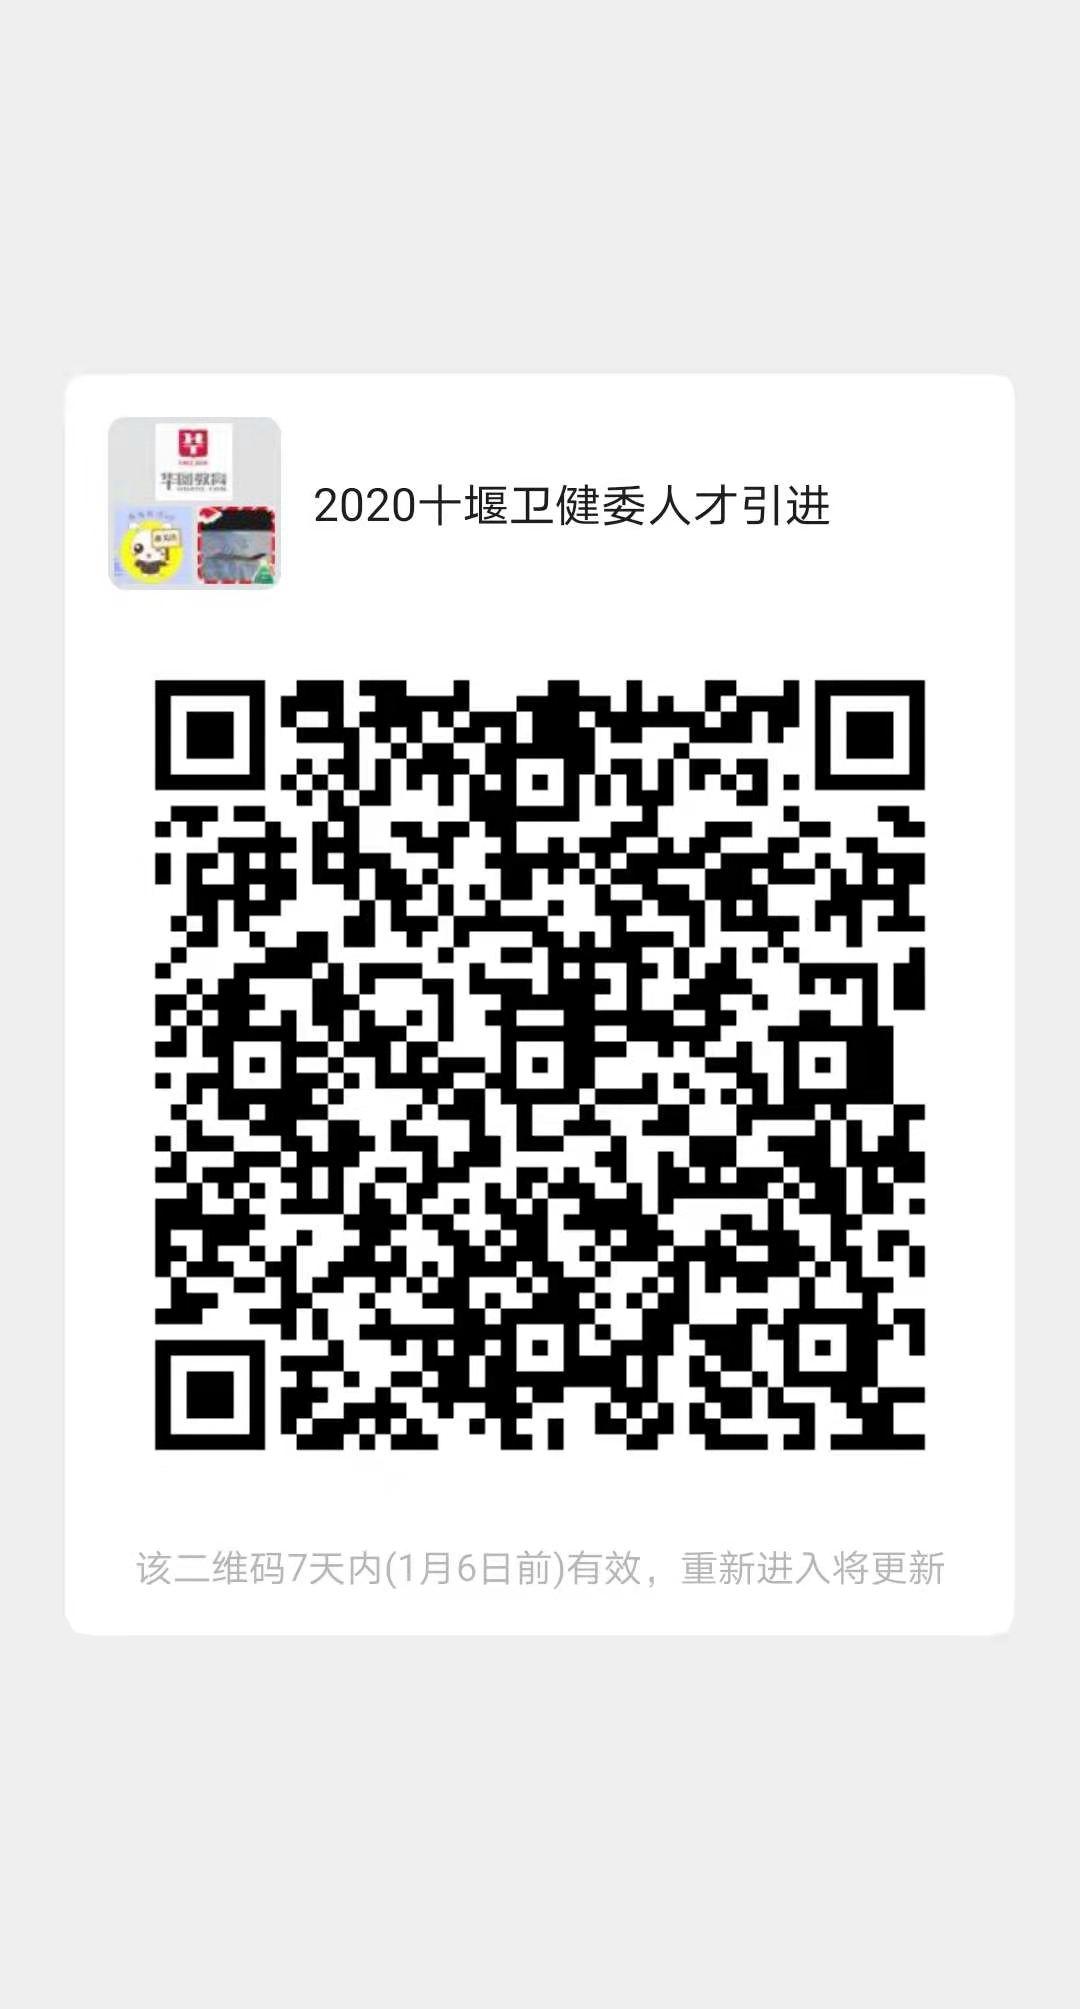 2020年十堰市卫健委所属事业单位招聘高层次人才公告【120人】